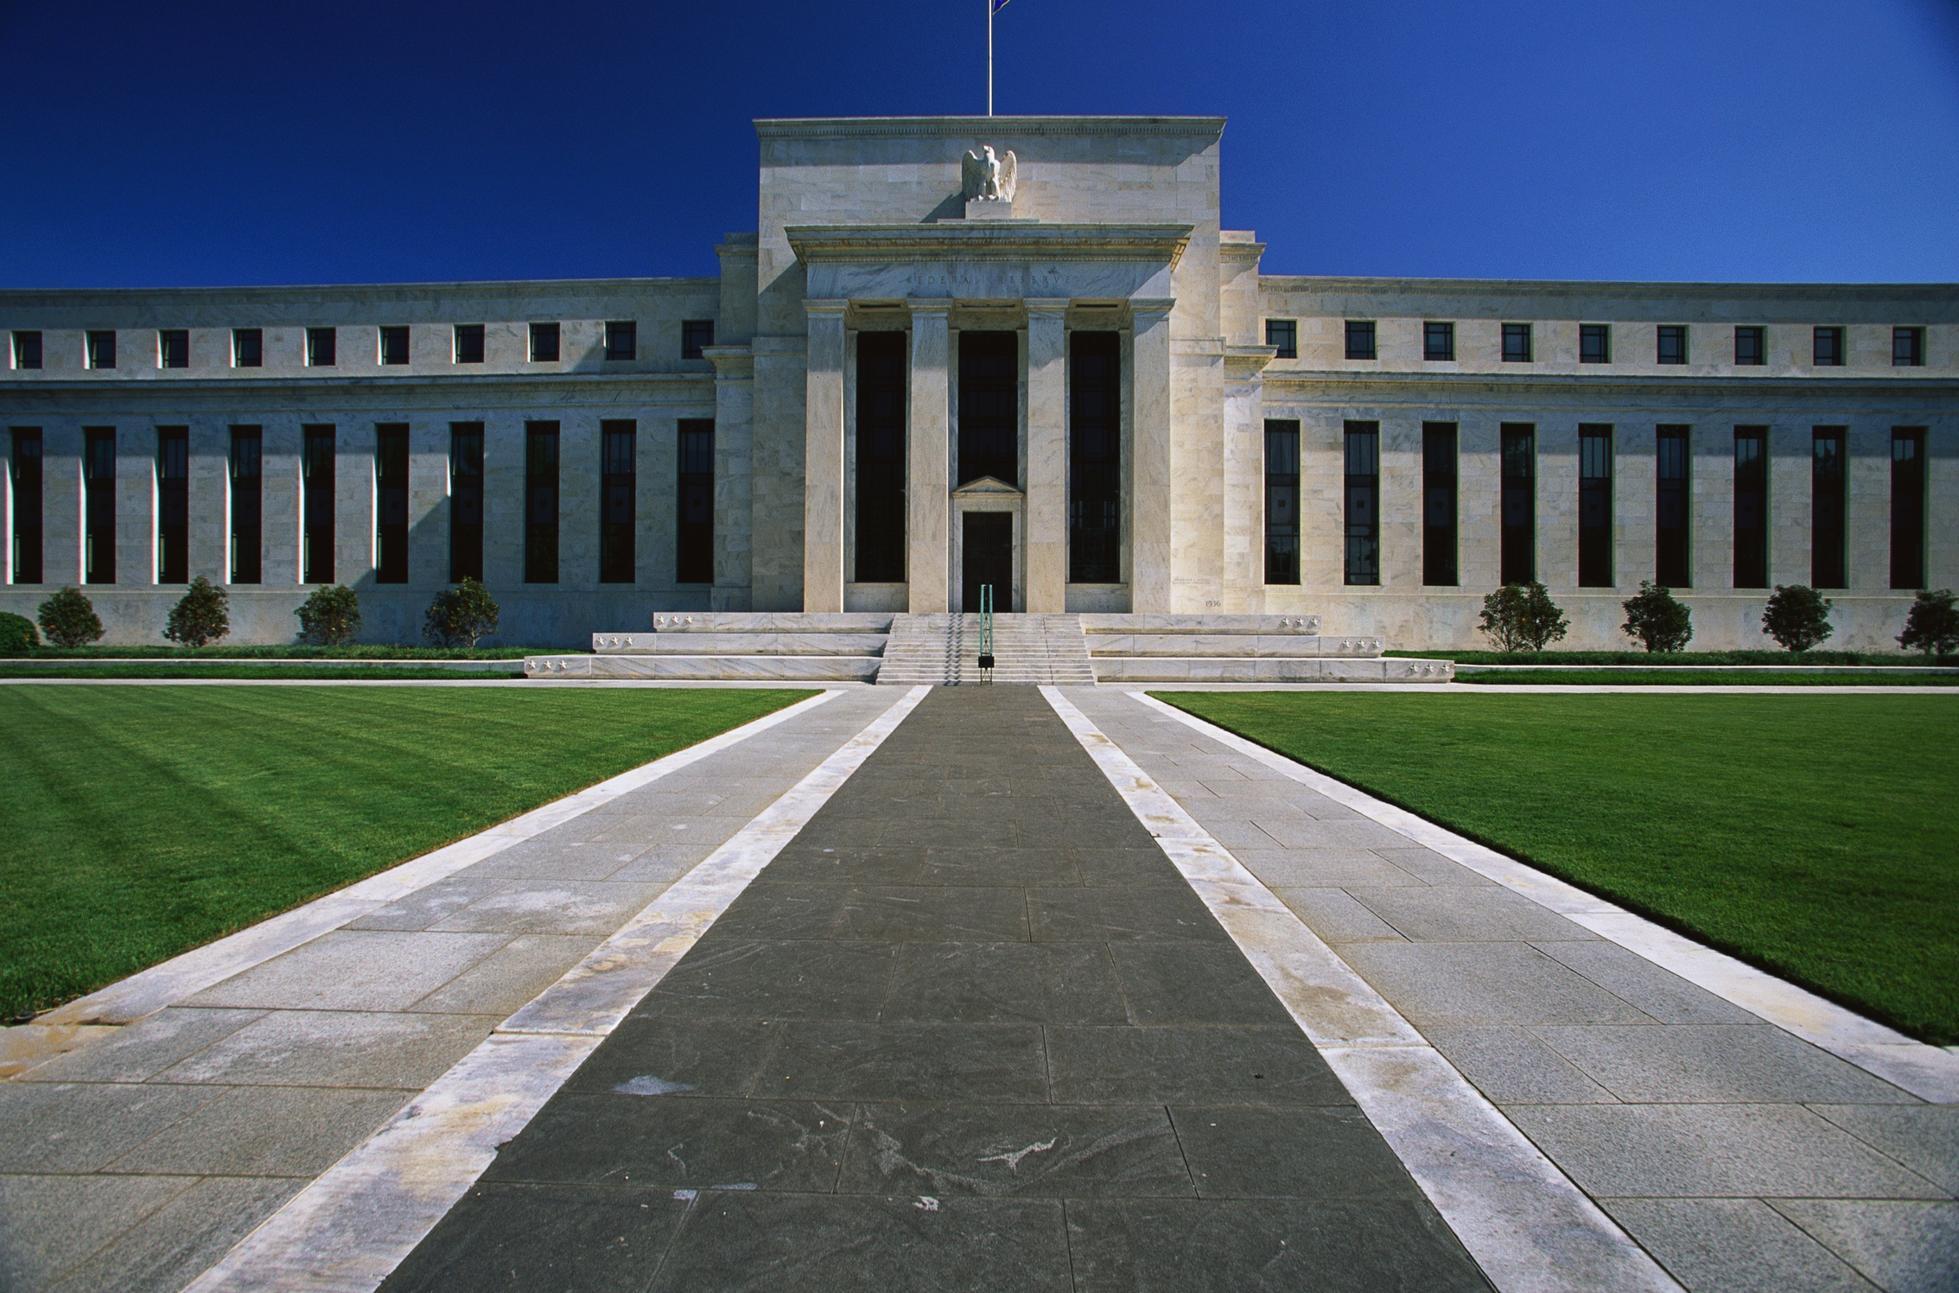 Banque de réserve fédérale